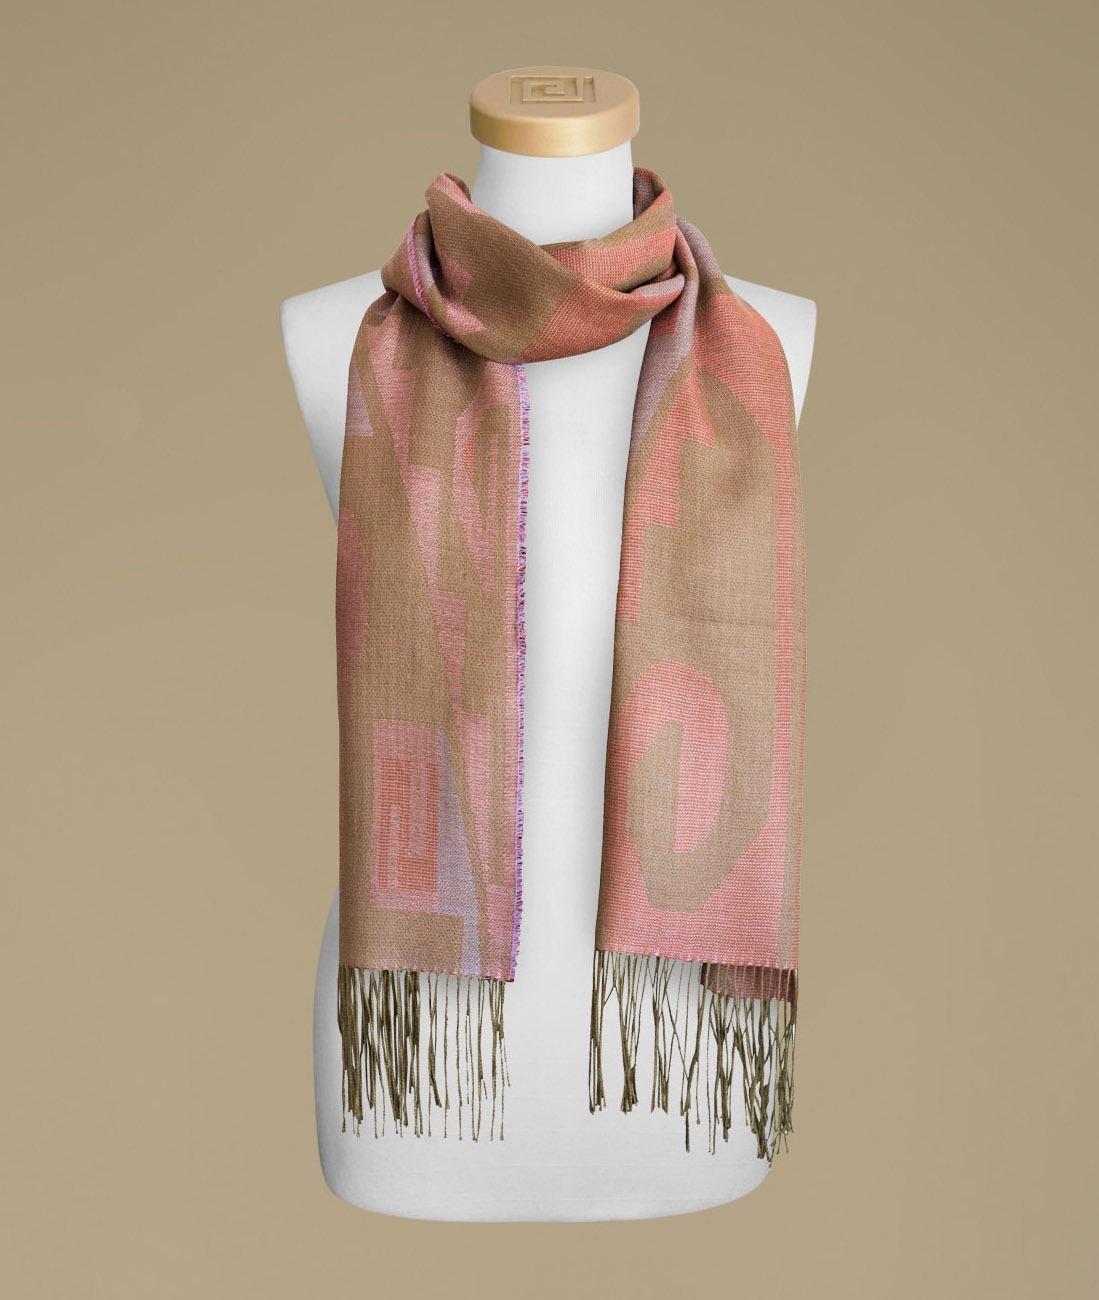 Huari - La nobleza scarf C001